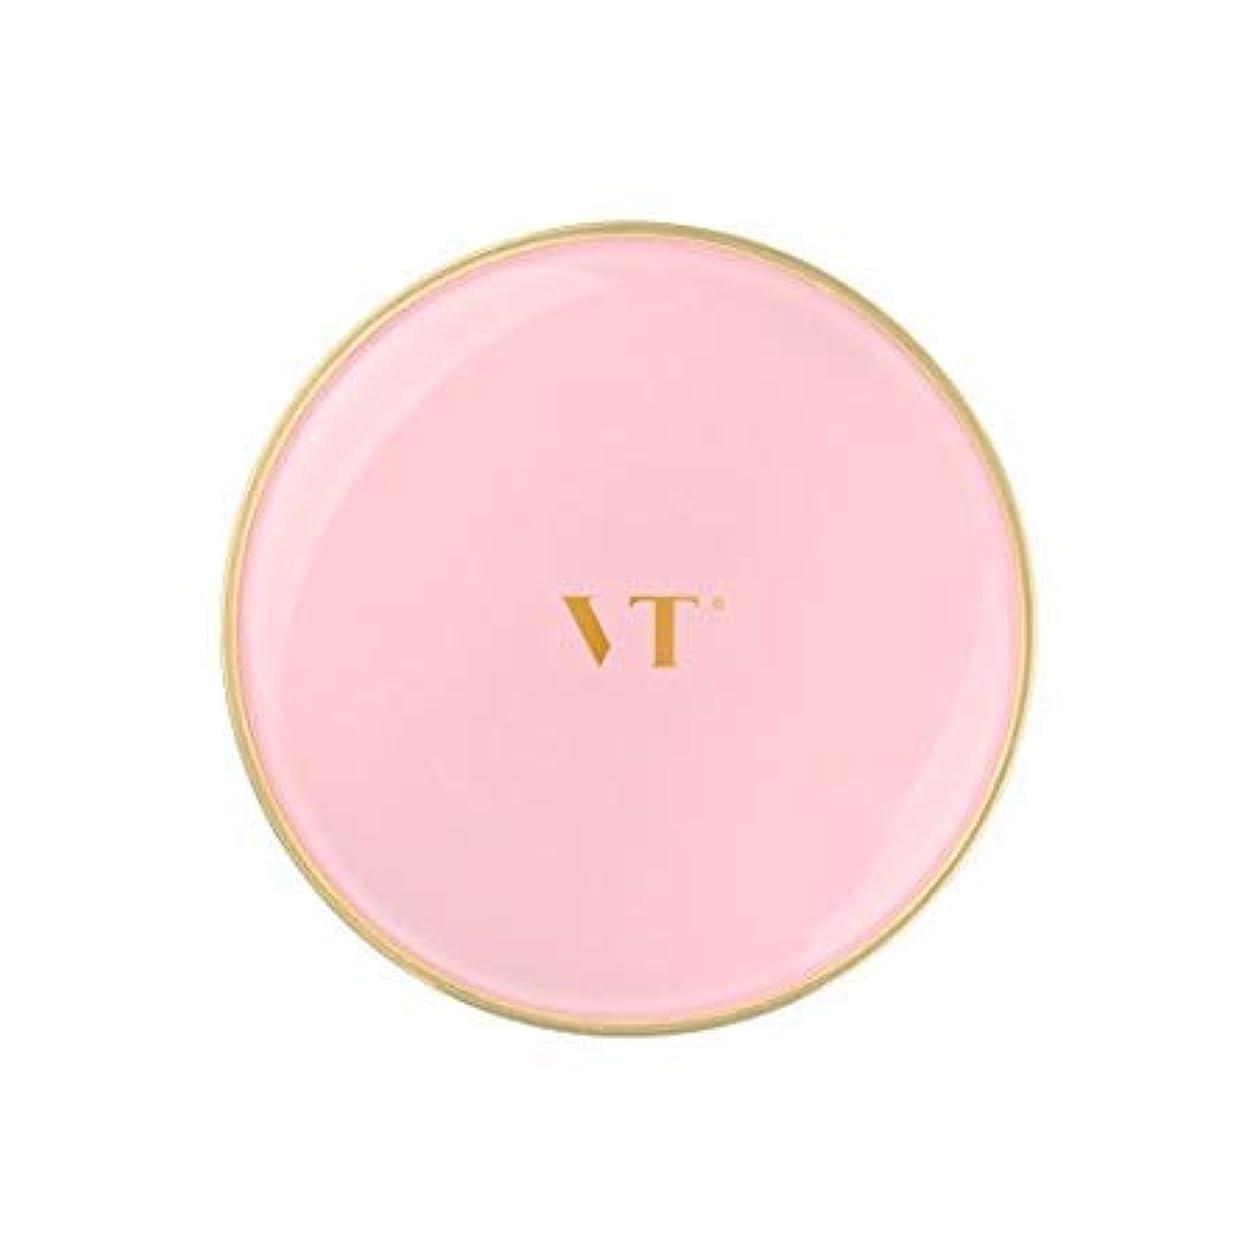 豊富な縁石農夫VT Collagen Pact 21号 11g /ブイティーコラーゲンパクト11g #21 【並行輸入品】